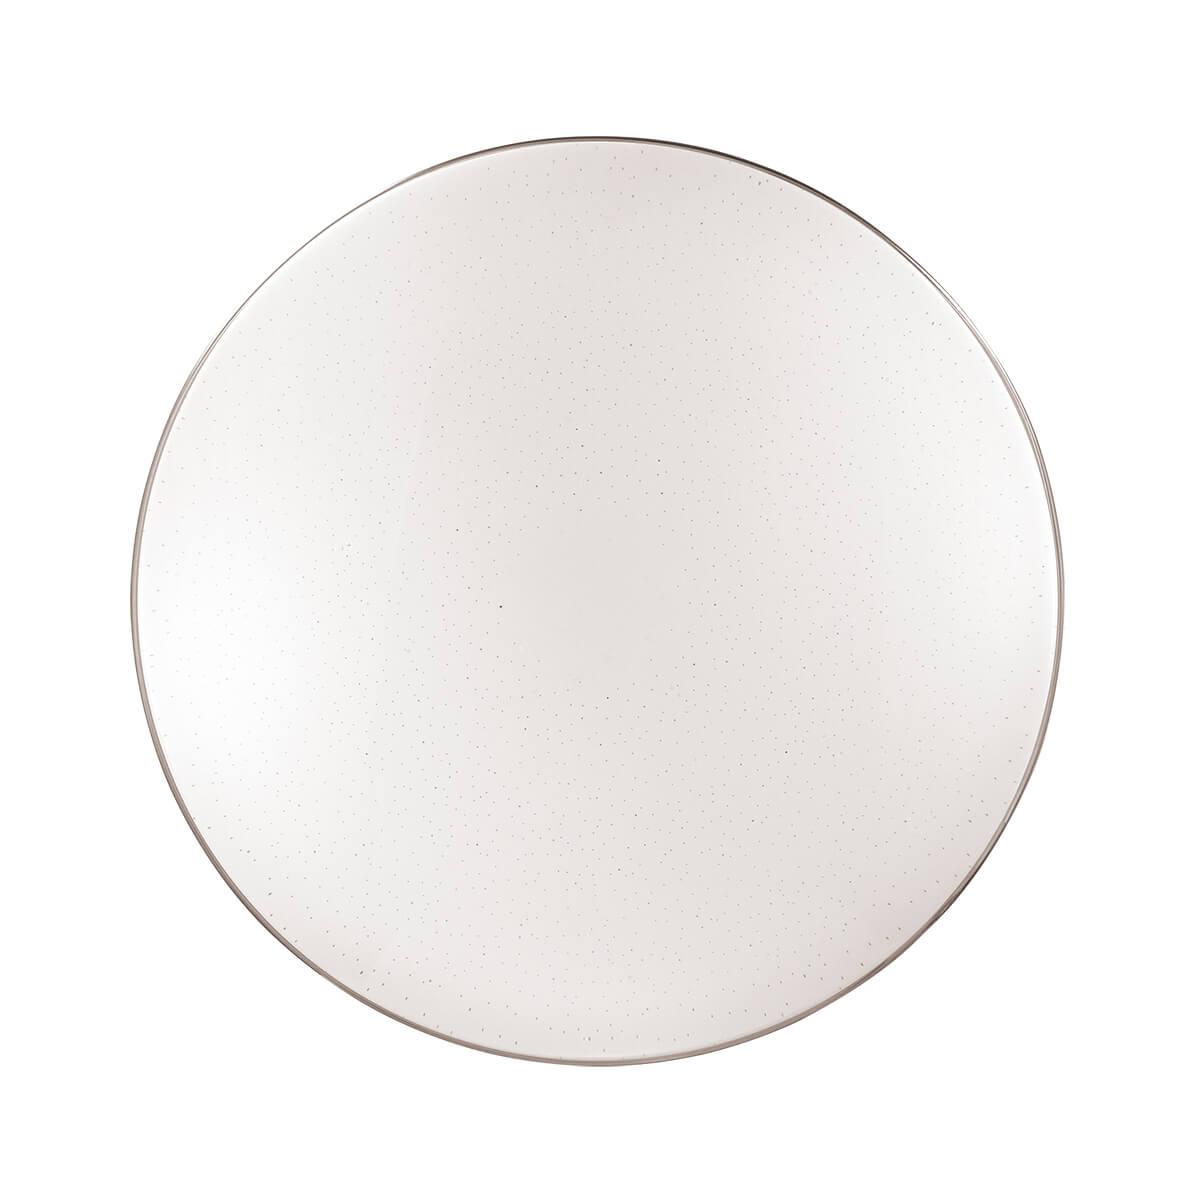 Светильник Sonex 2051/CL накладной светильник 146 sonex